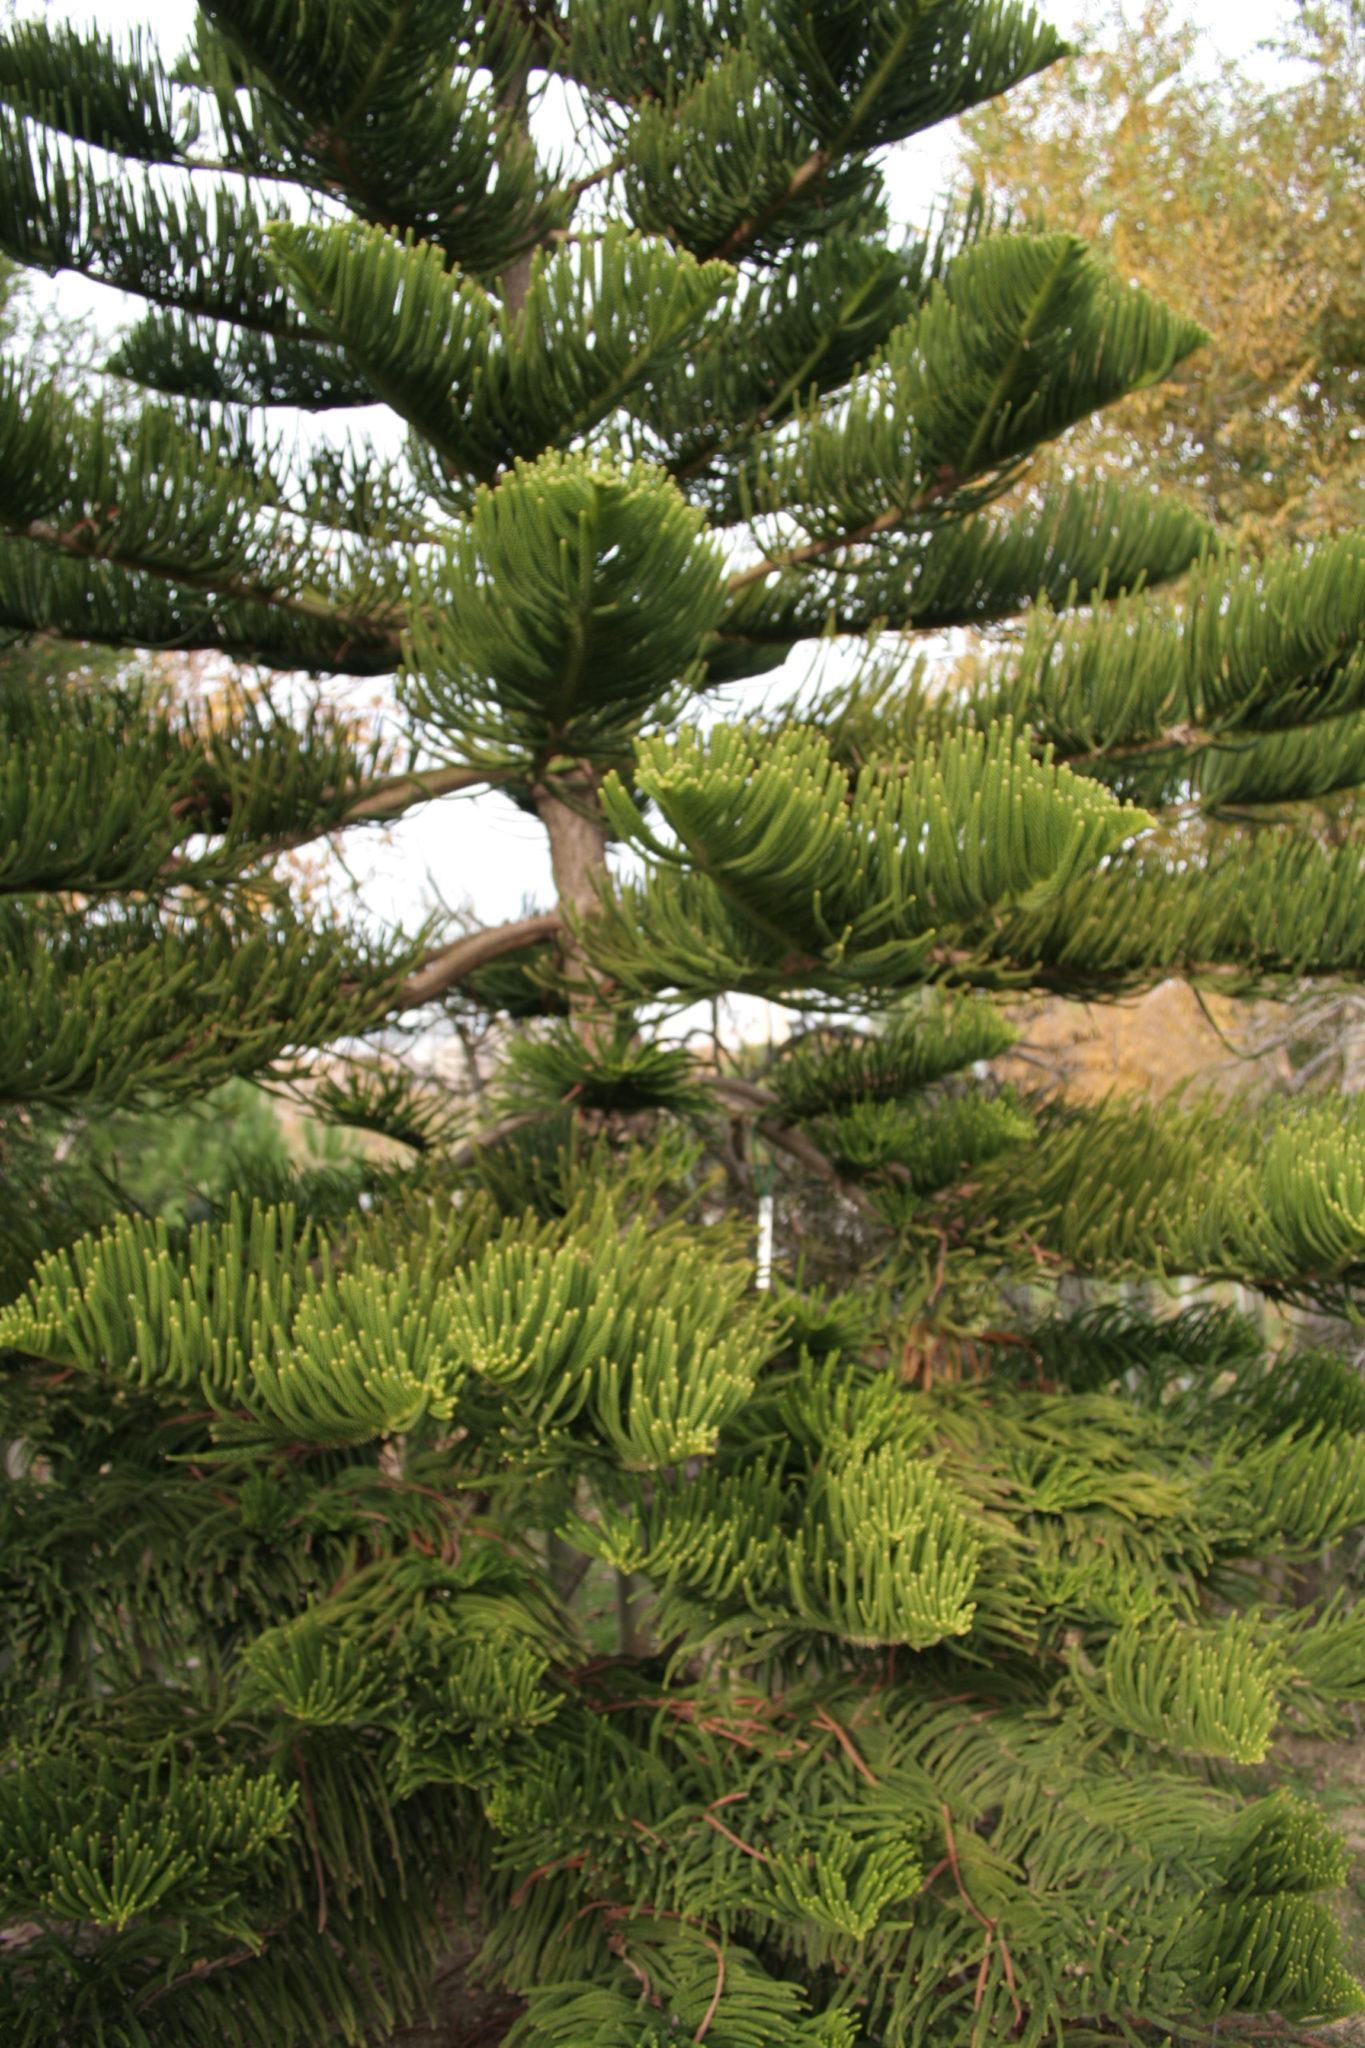 Botanico 008 noticias de paisajismo arte naturaleza y for Inscripcion jardin 2015